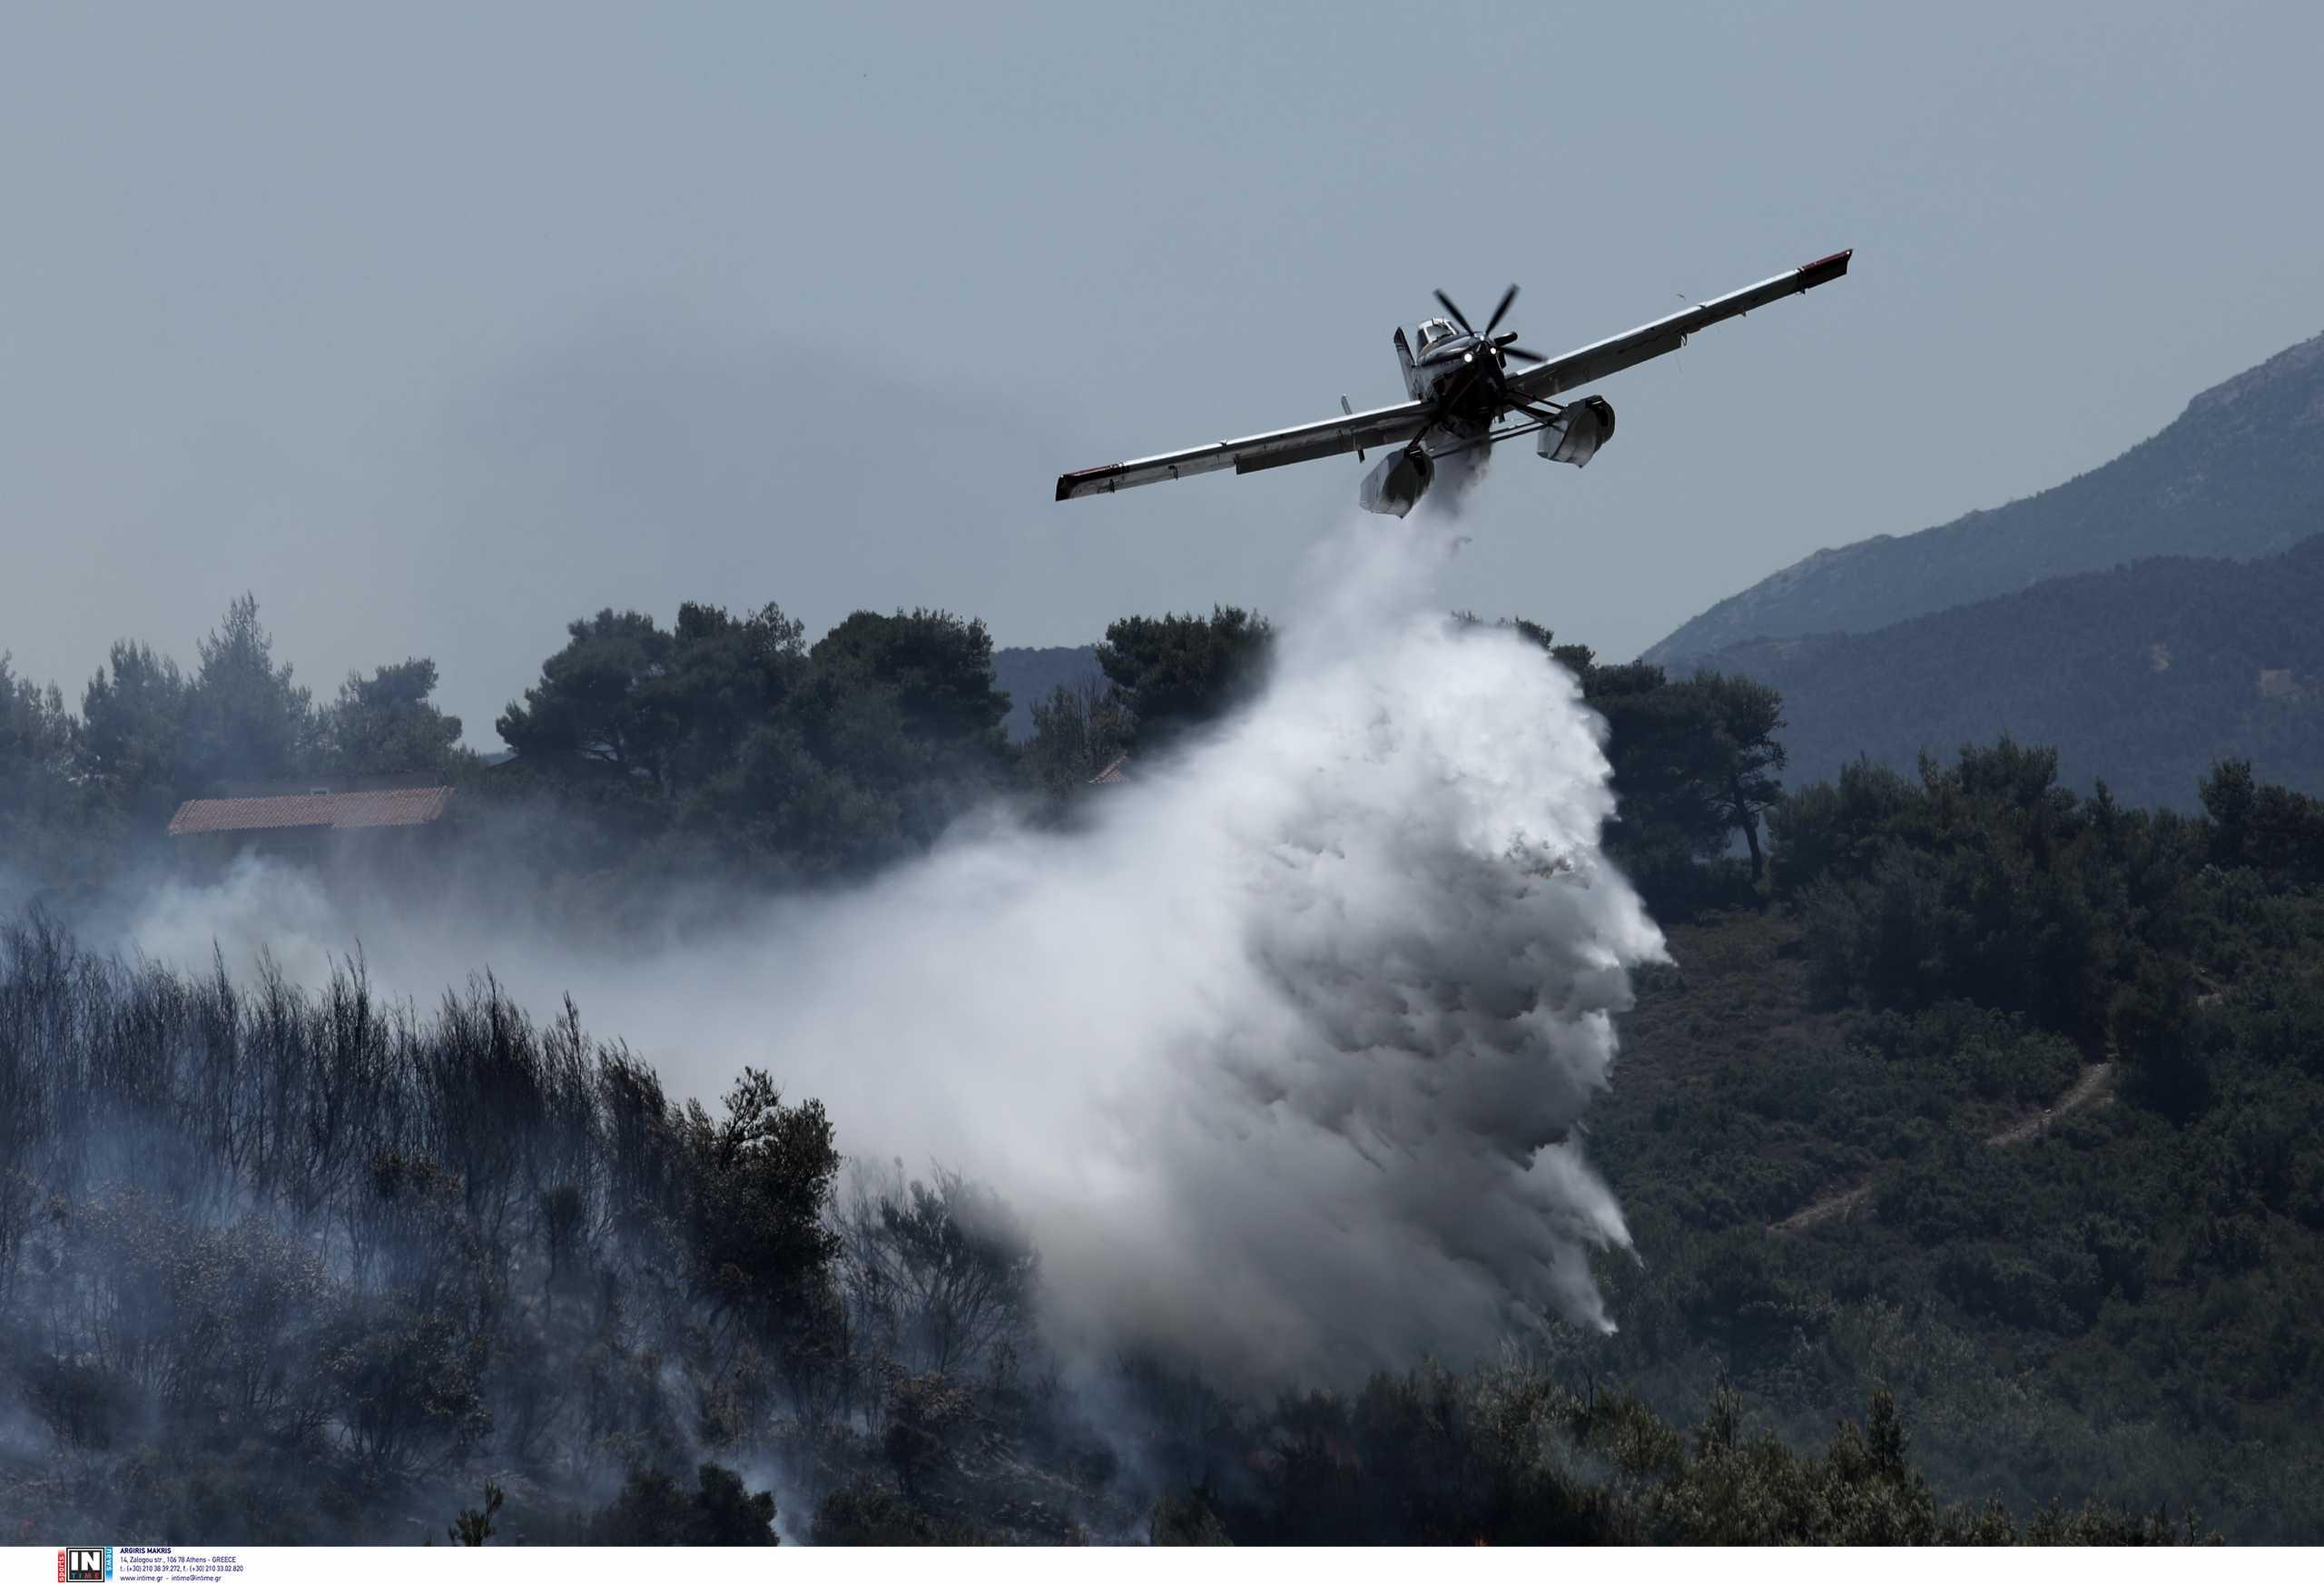 Φωτιά στον Βαρνάβα: Σκληρή μάχη με τις φλόγες – Εικόνες από τη μεγάλη καταστροφή